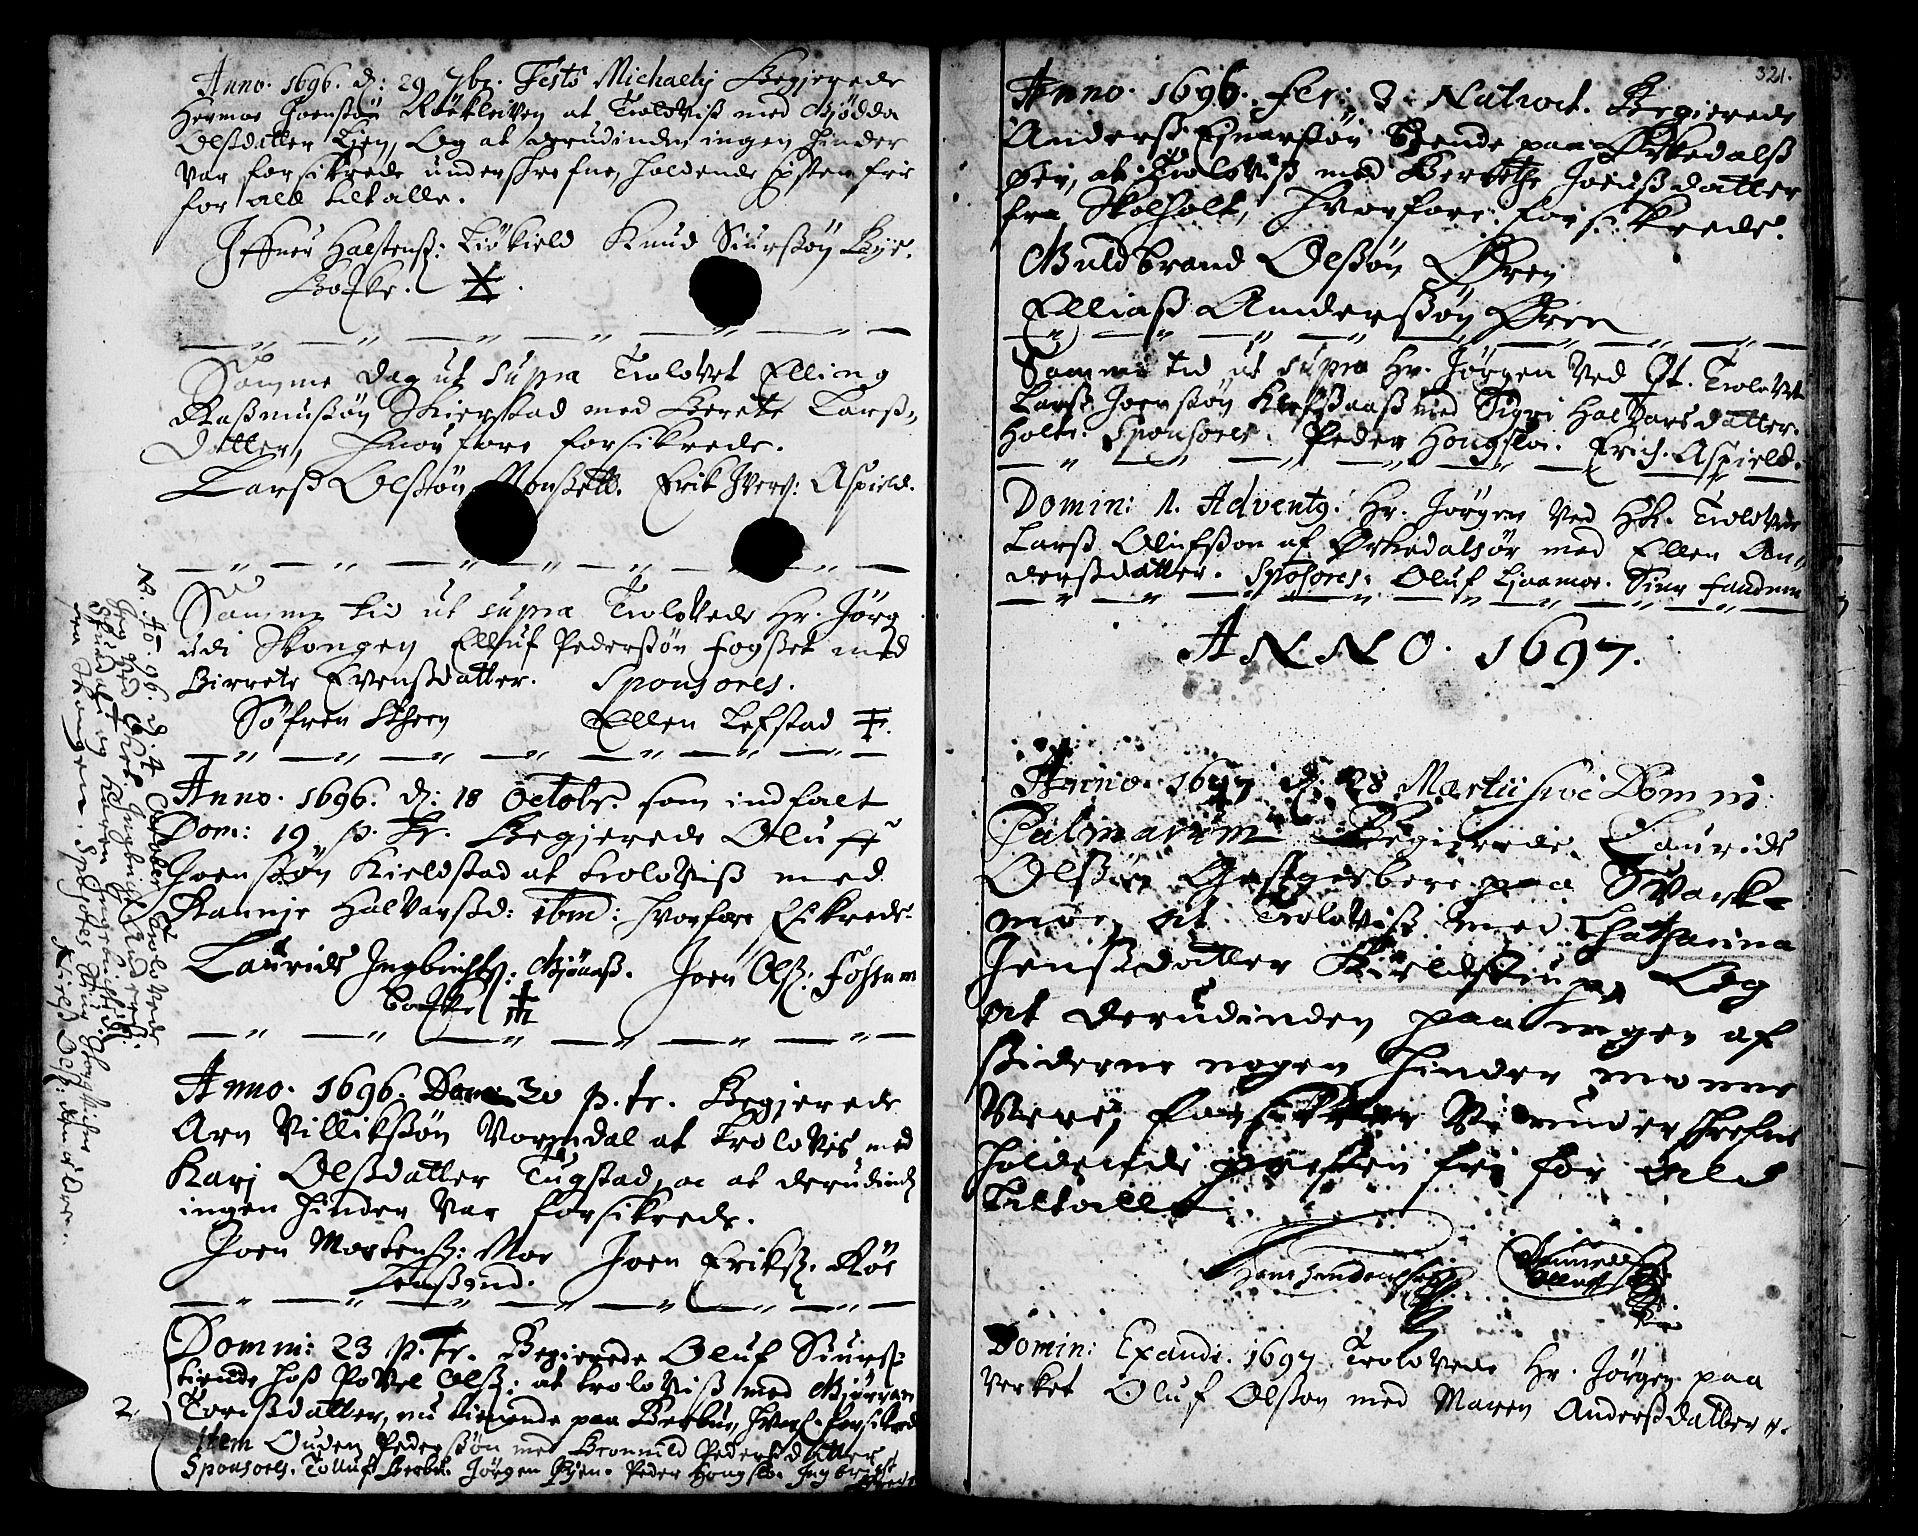 SAT, Ministerialprotokoller, klokkerbøker og fødselsregistre - Sør-Trøndelag, 668/L0801: Ministerialbok nr. 668A01, 1695-1716, s. 320-321